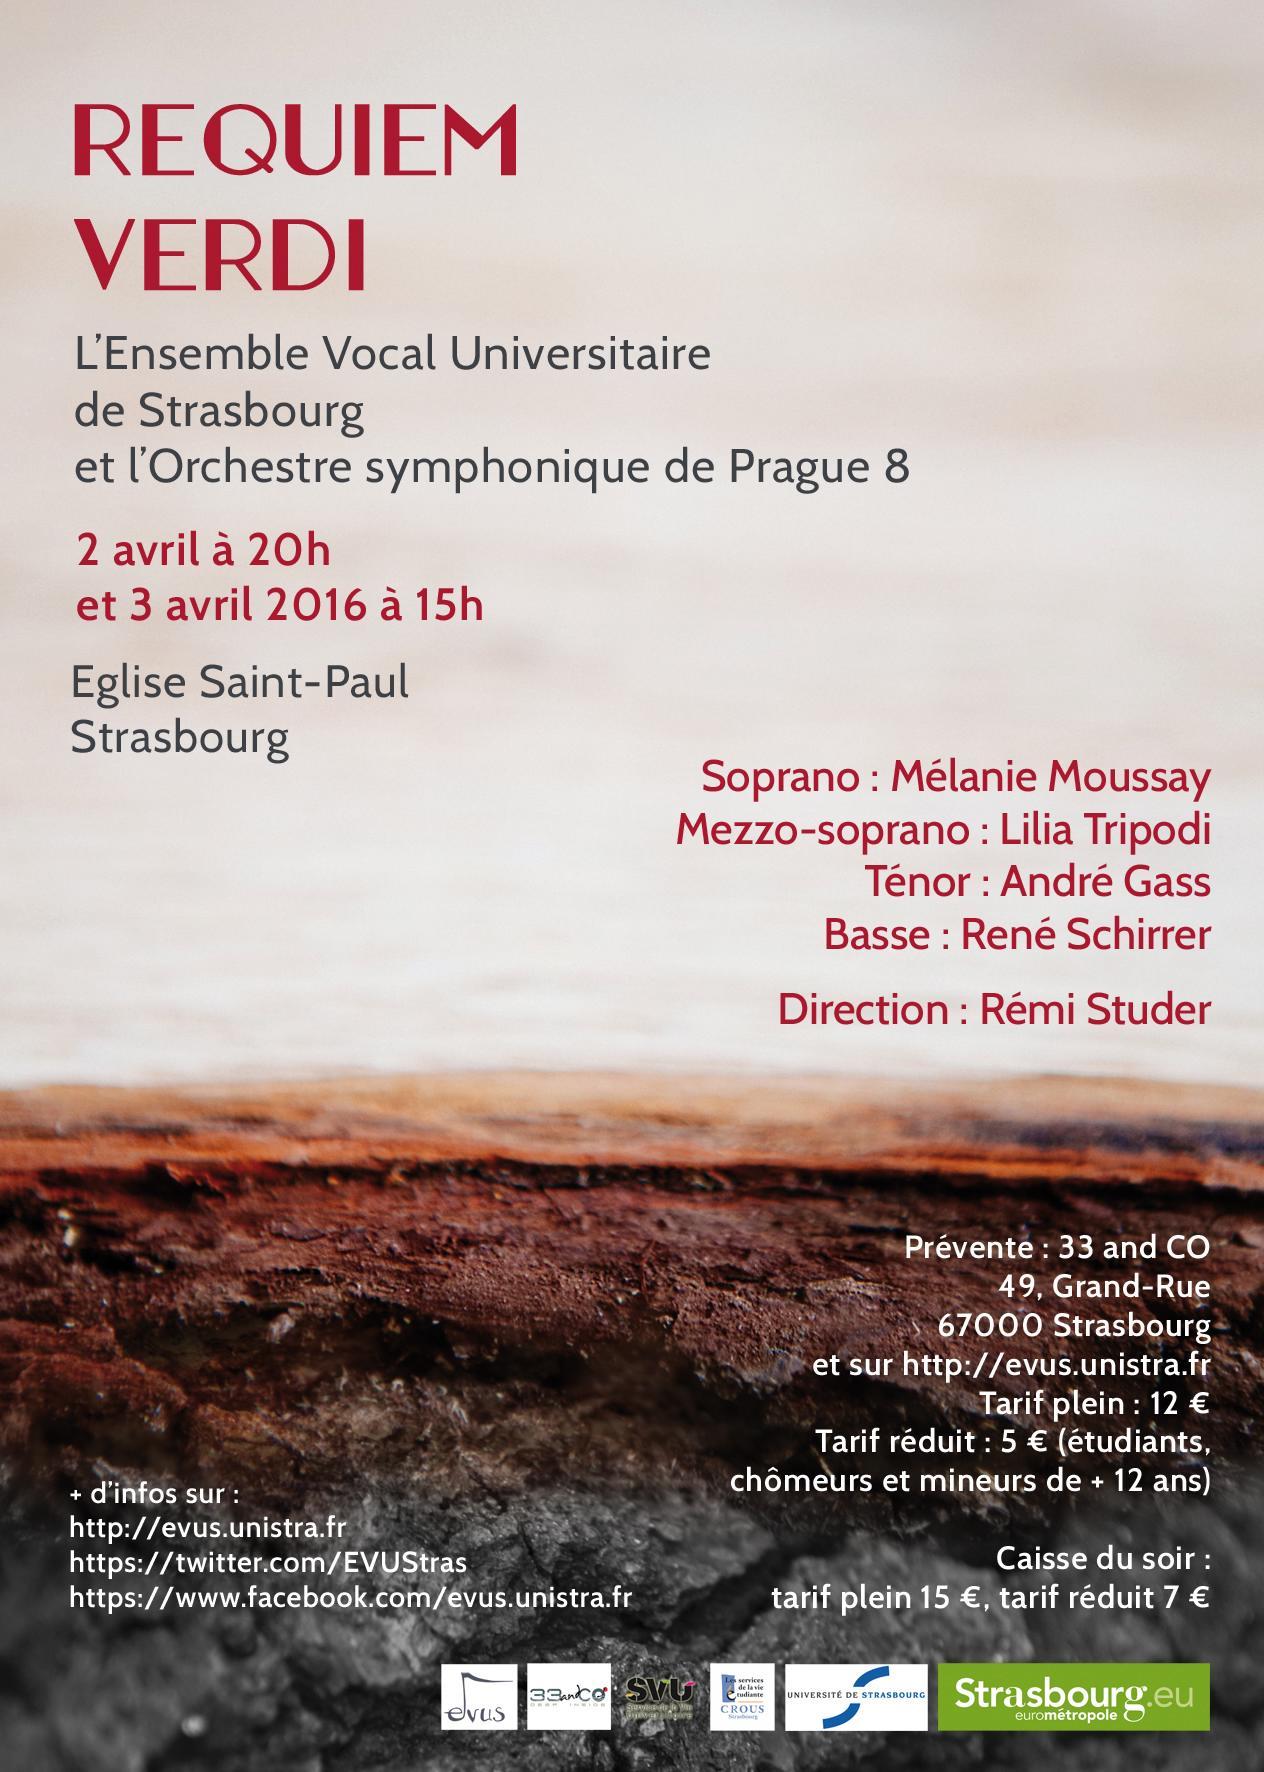 Affiche Requiem Verdi 2016